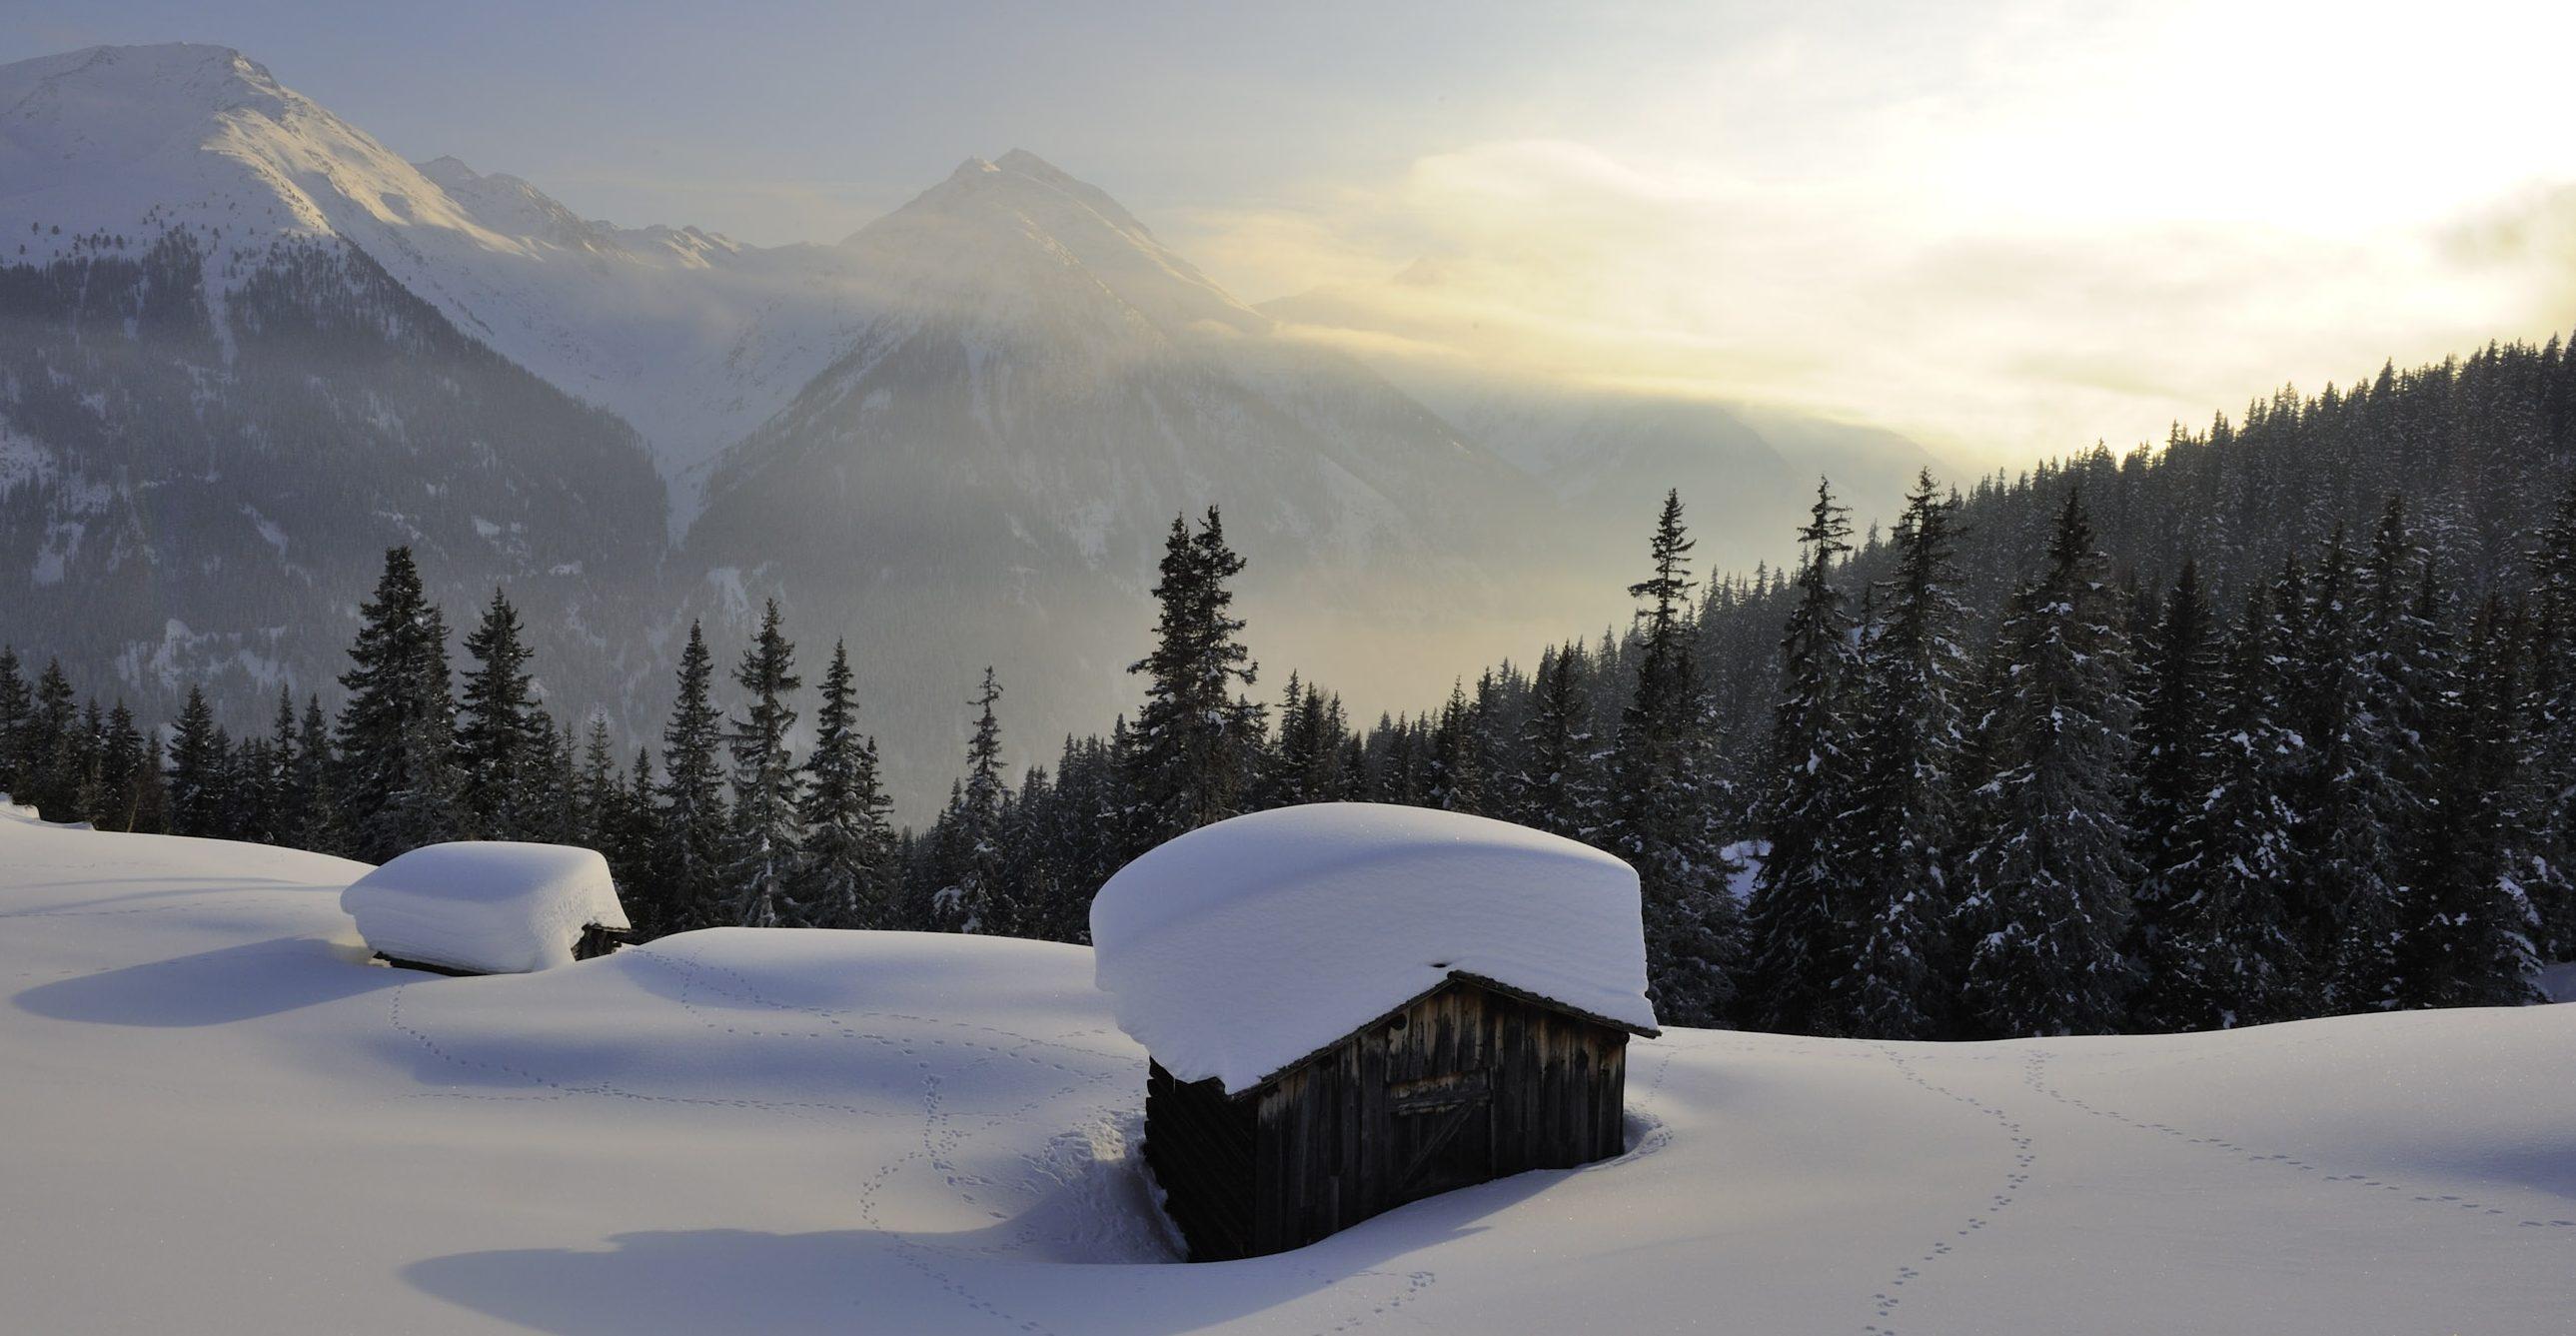 Tirol, verschneite Landschaft, Sonneneinstrahl, Winterlandschaft